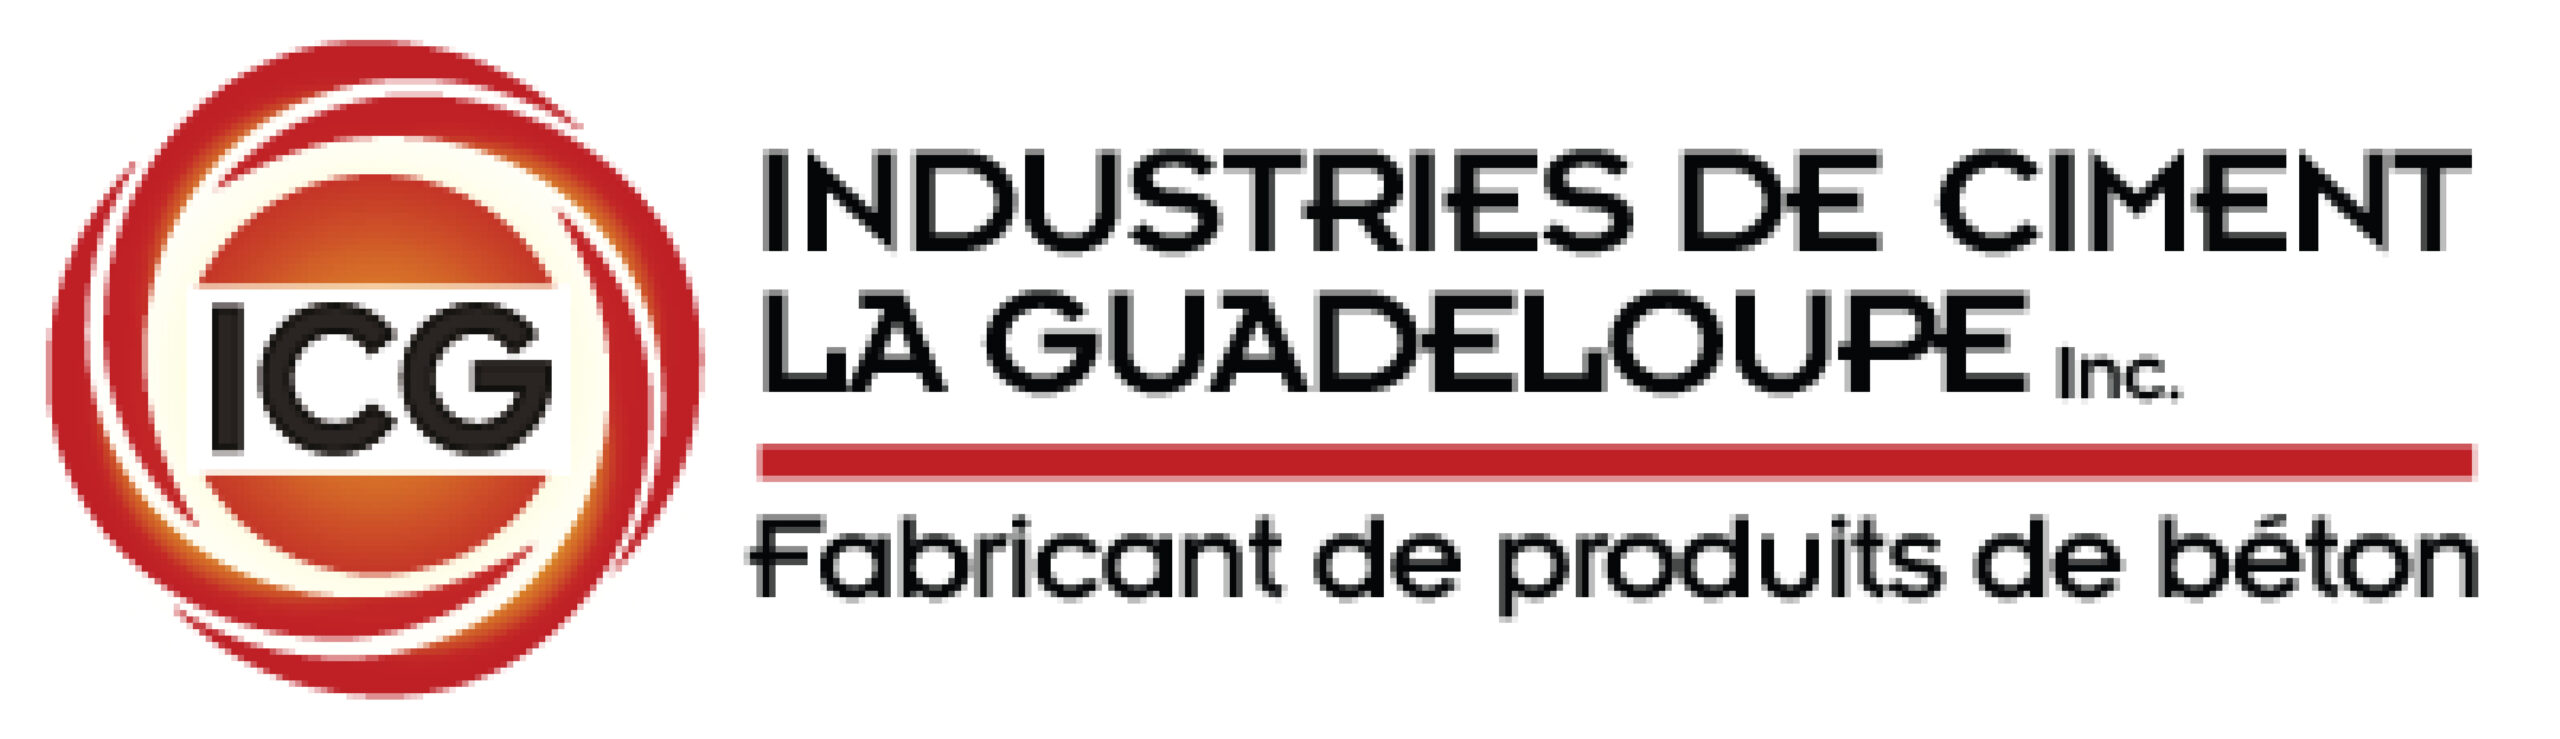 Les Industries de ciment La Guadeloupe